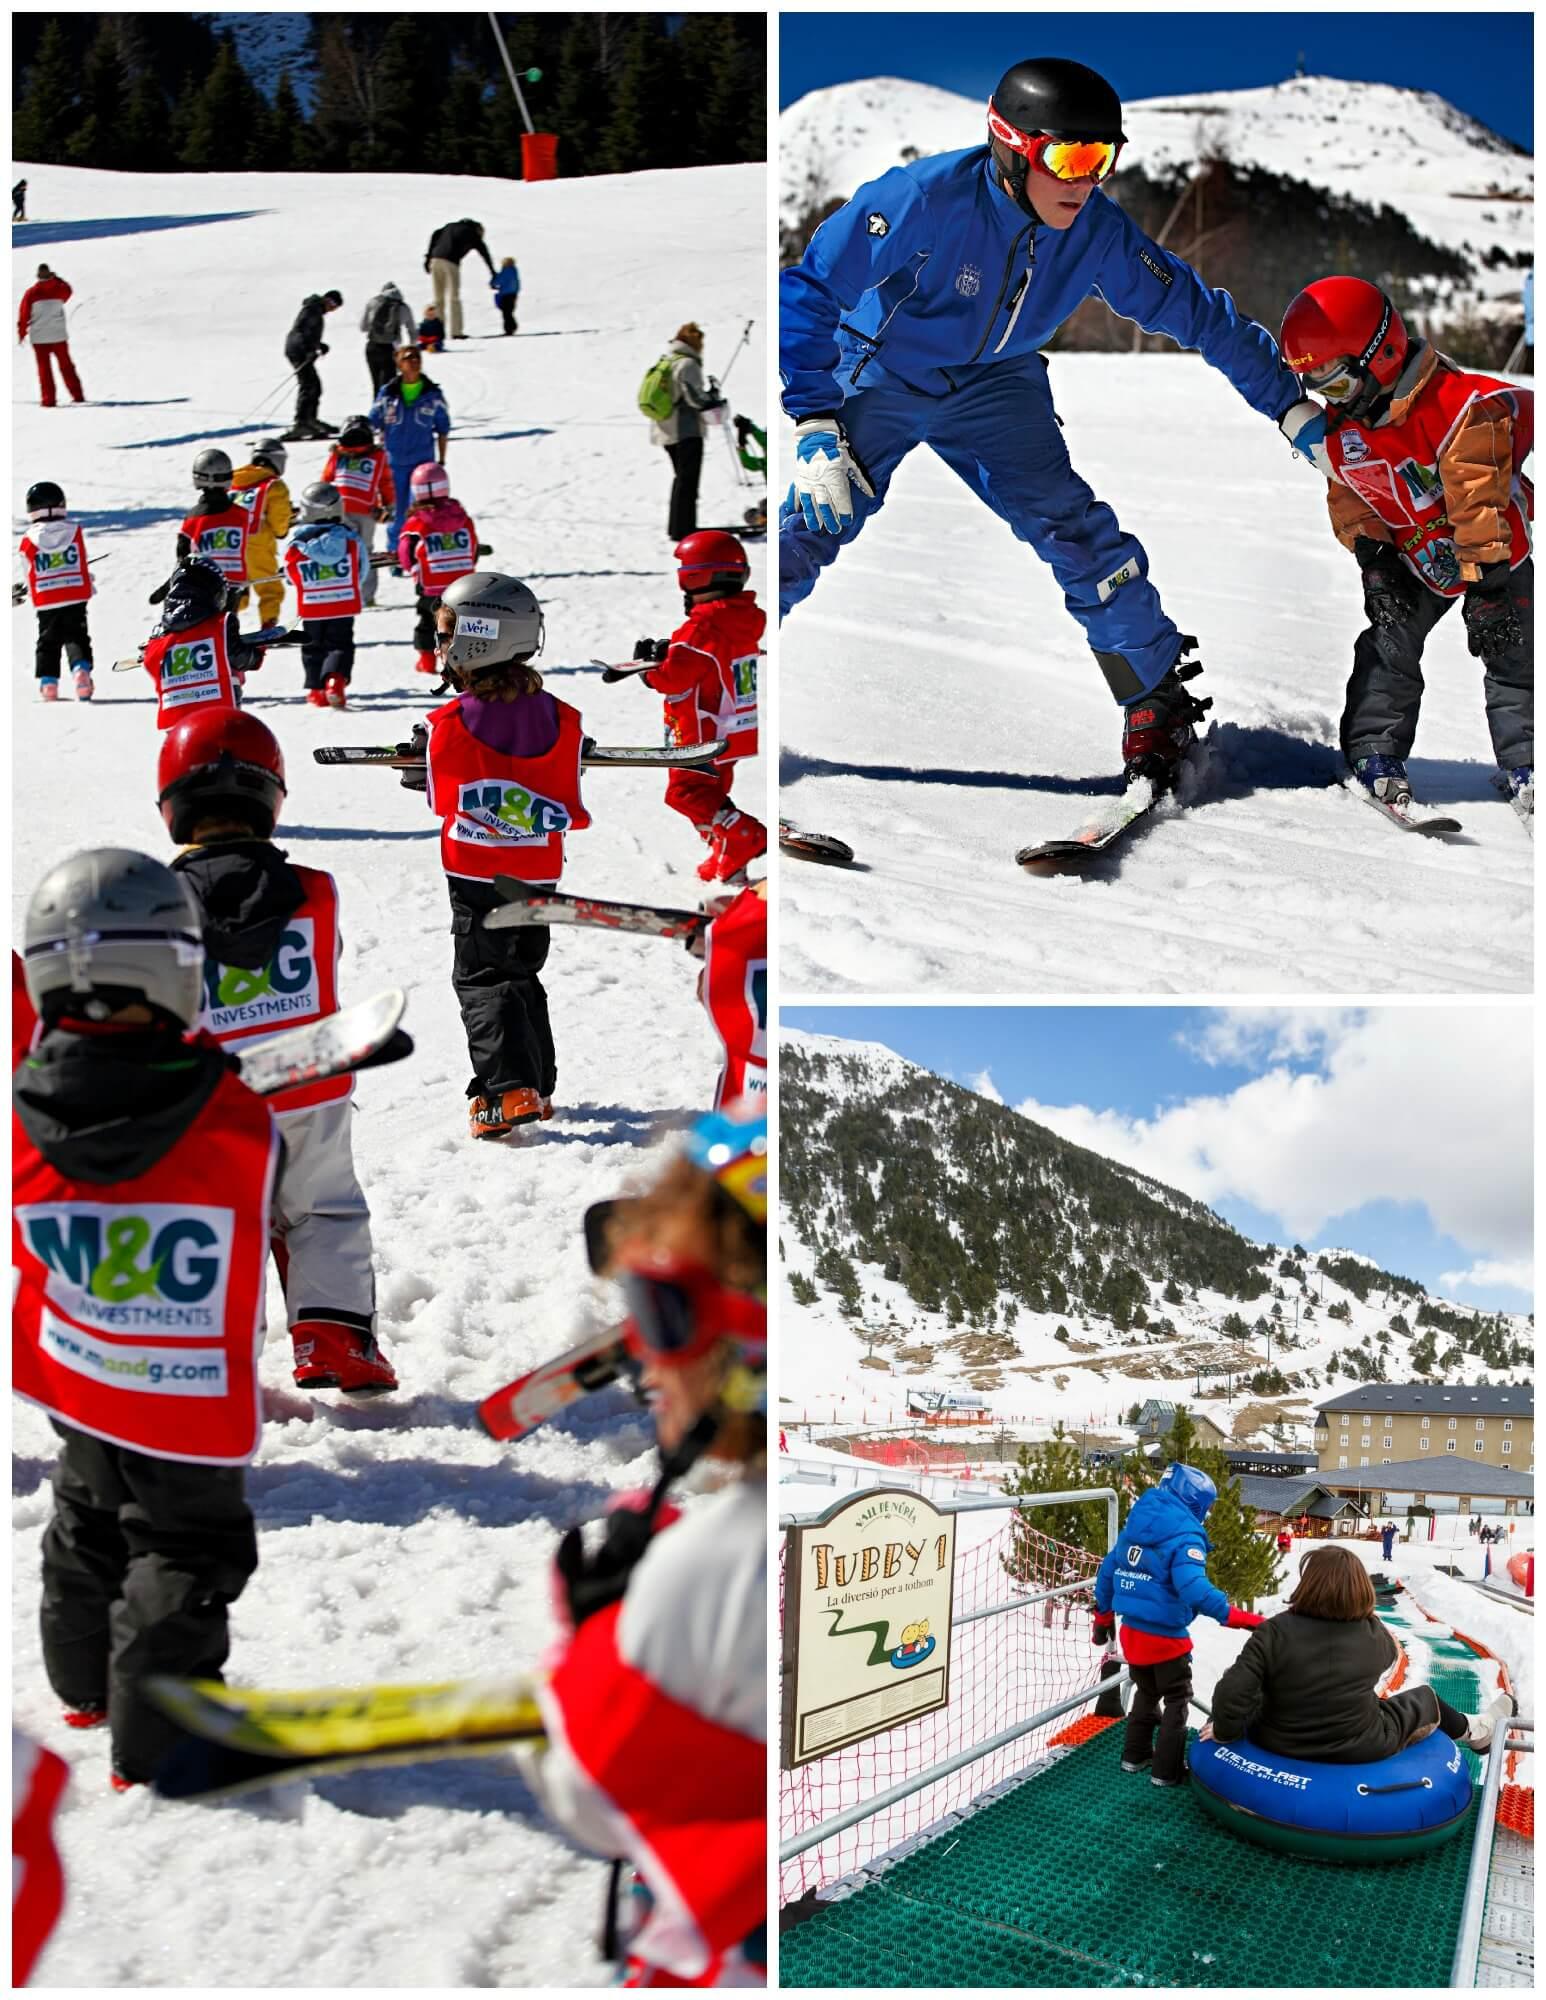 esqui y familia